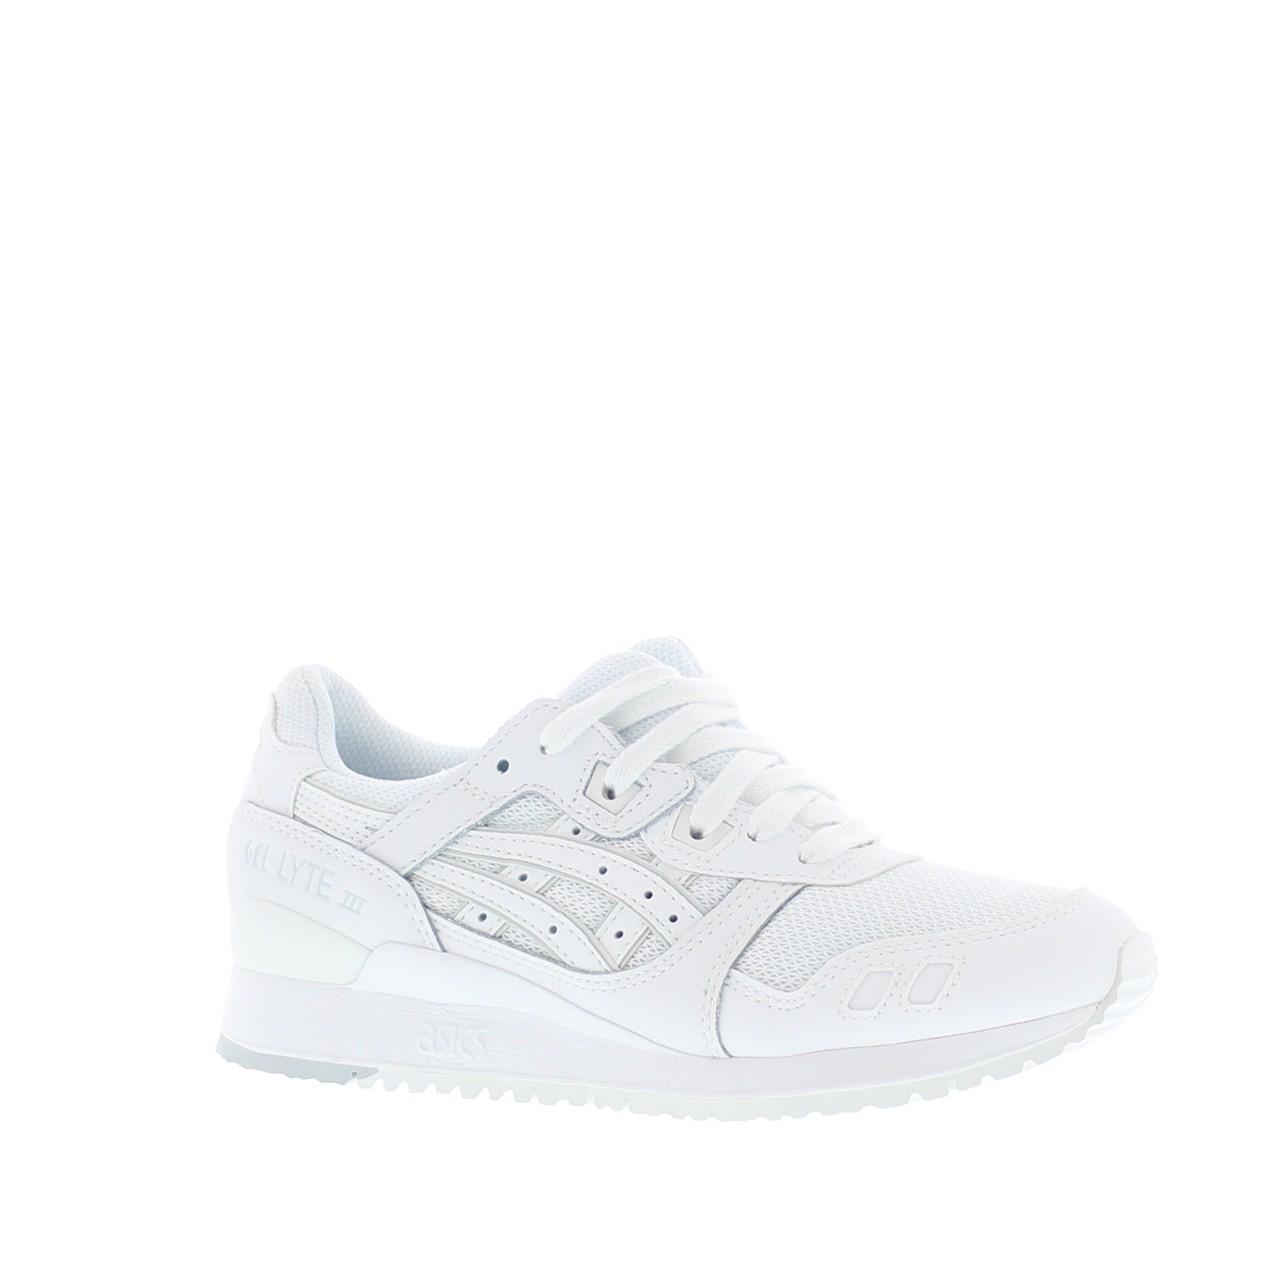 Afbeelding van Asics Tiger Sneakers 280-15-29 wit